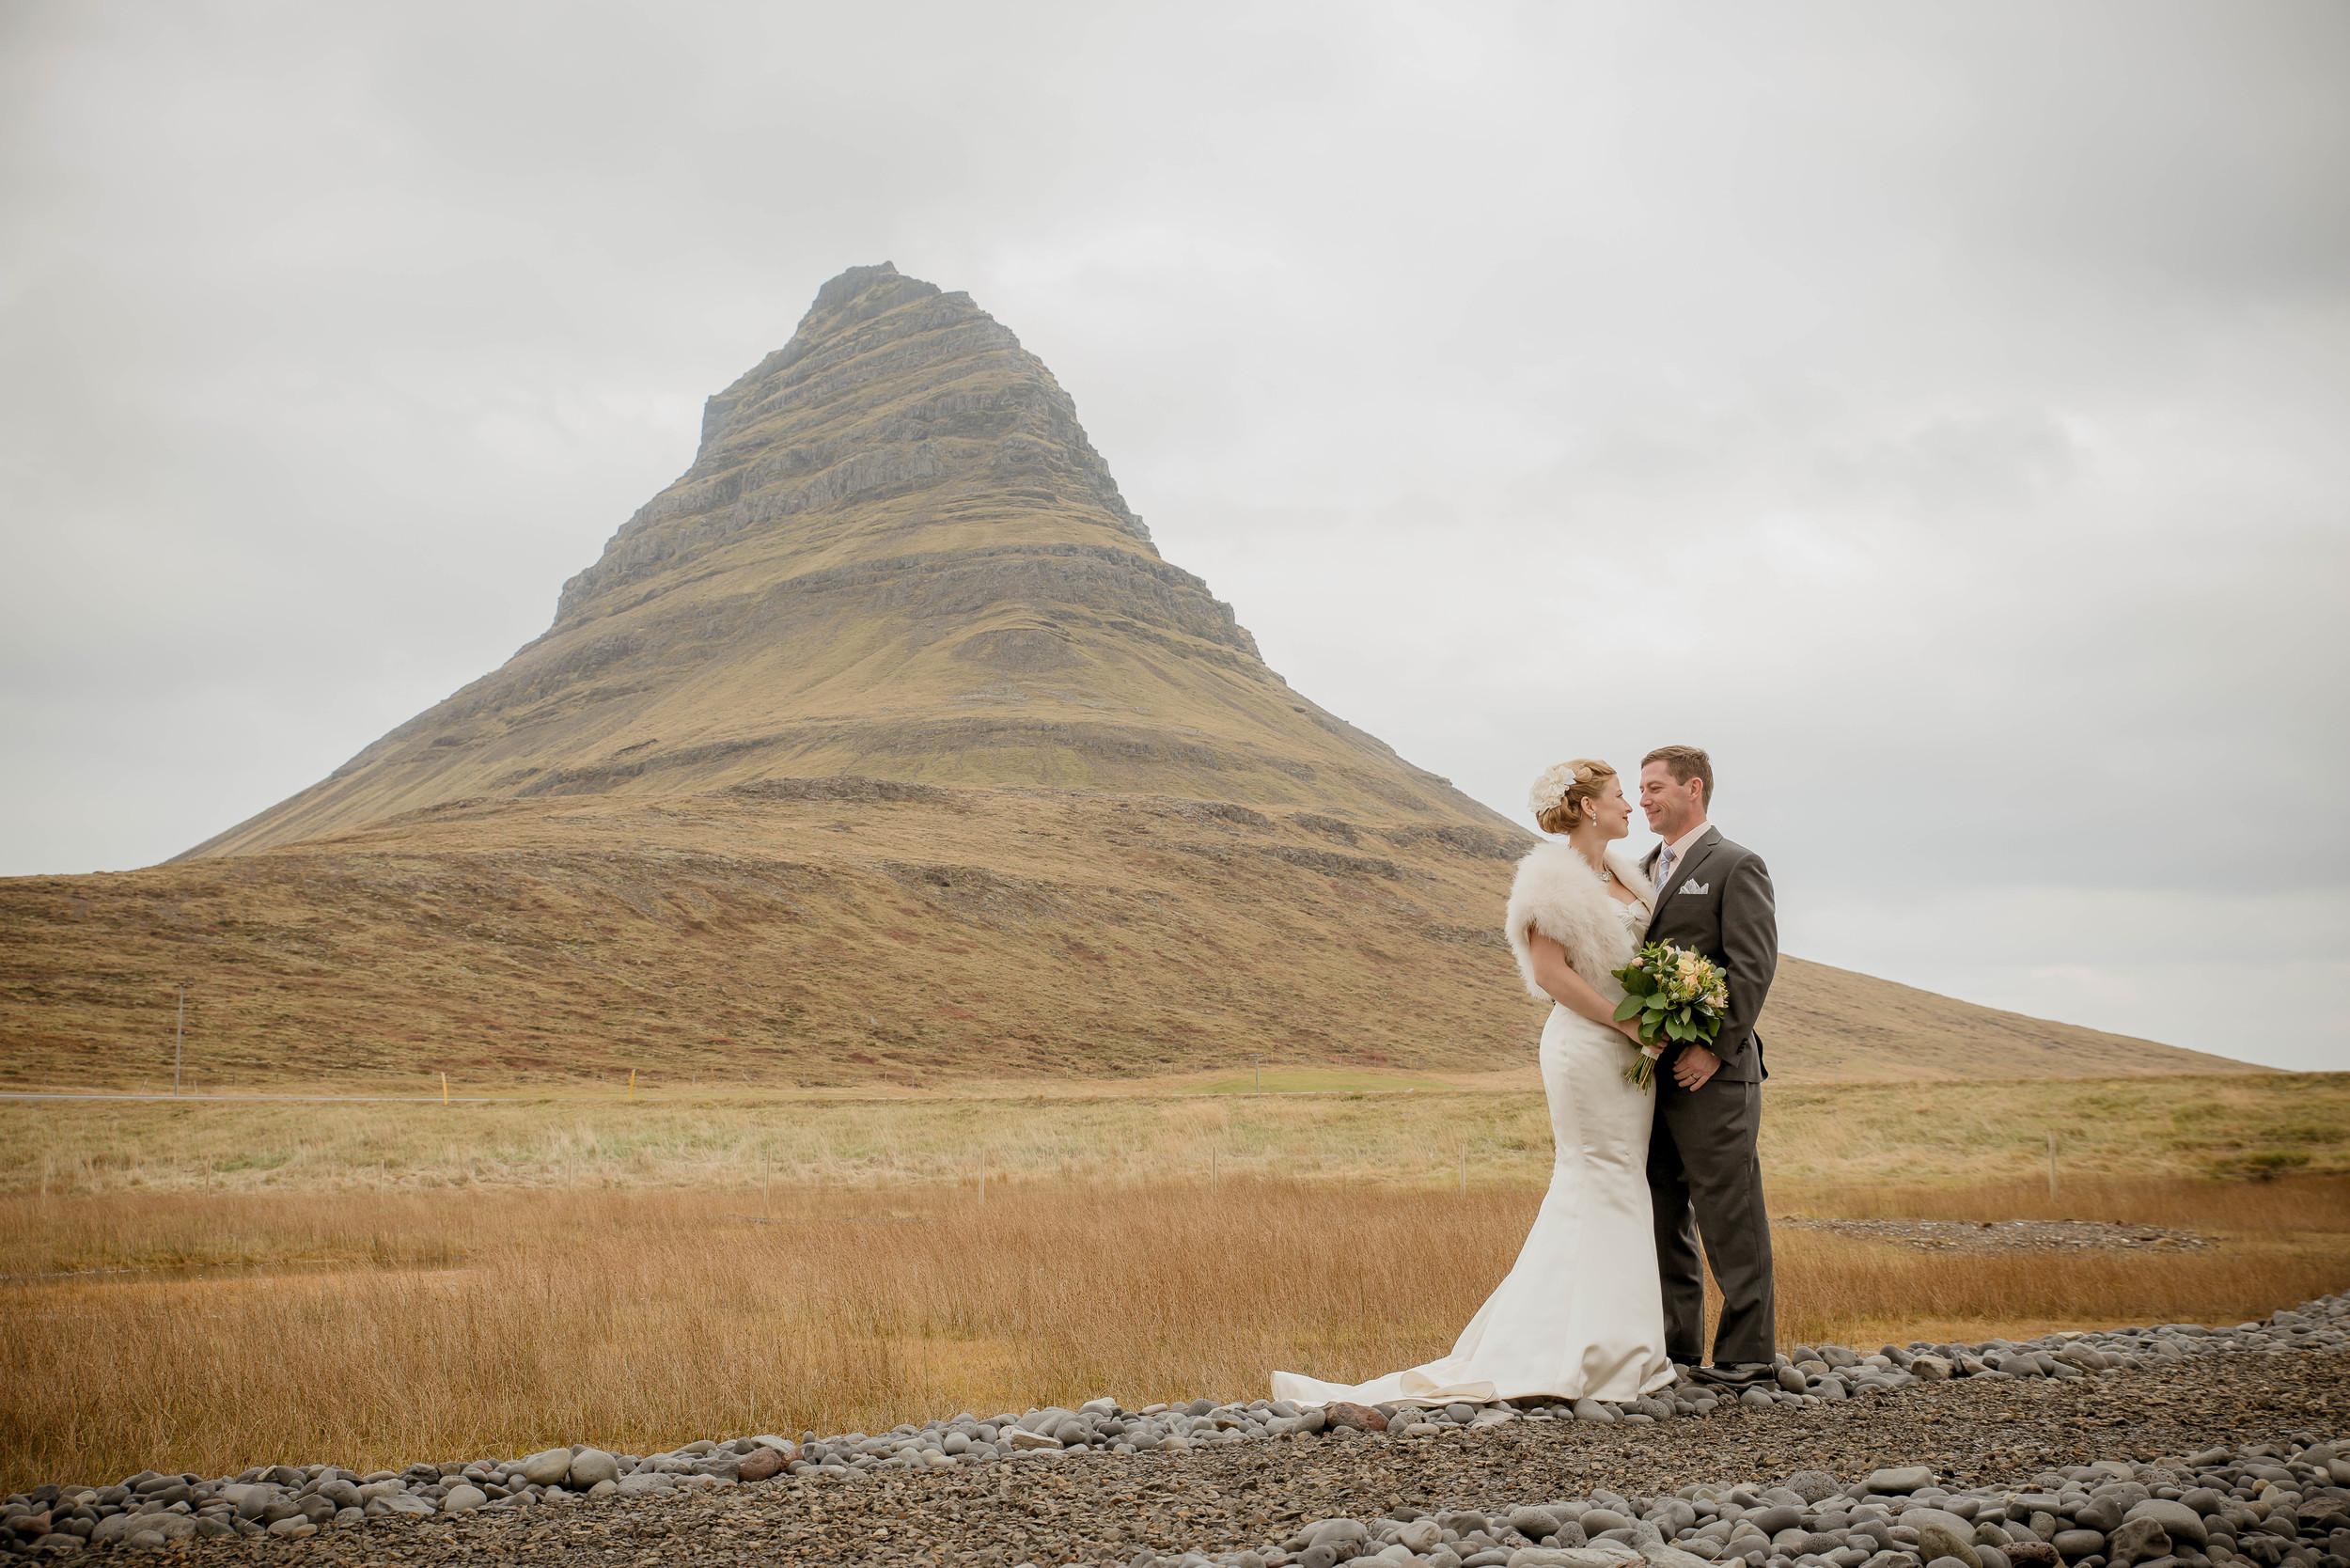 Iceland-Wedding-Photographer-Photos-by-Miss-Ann-12.jpg